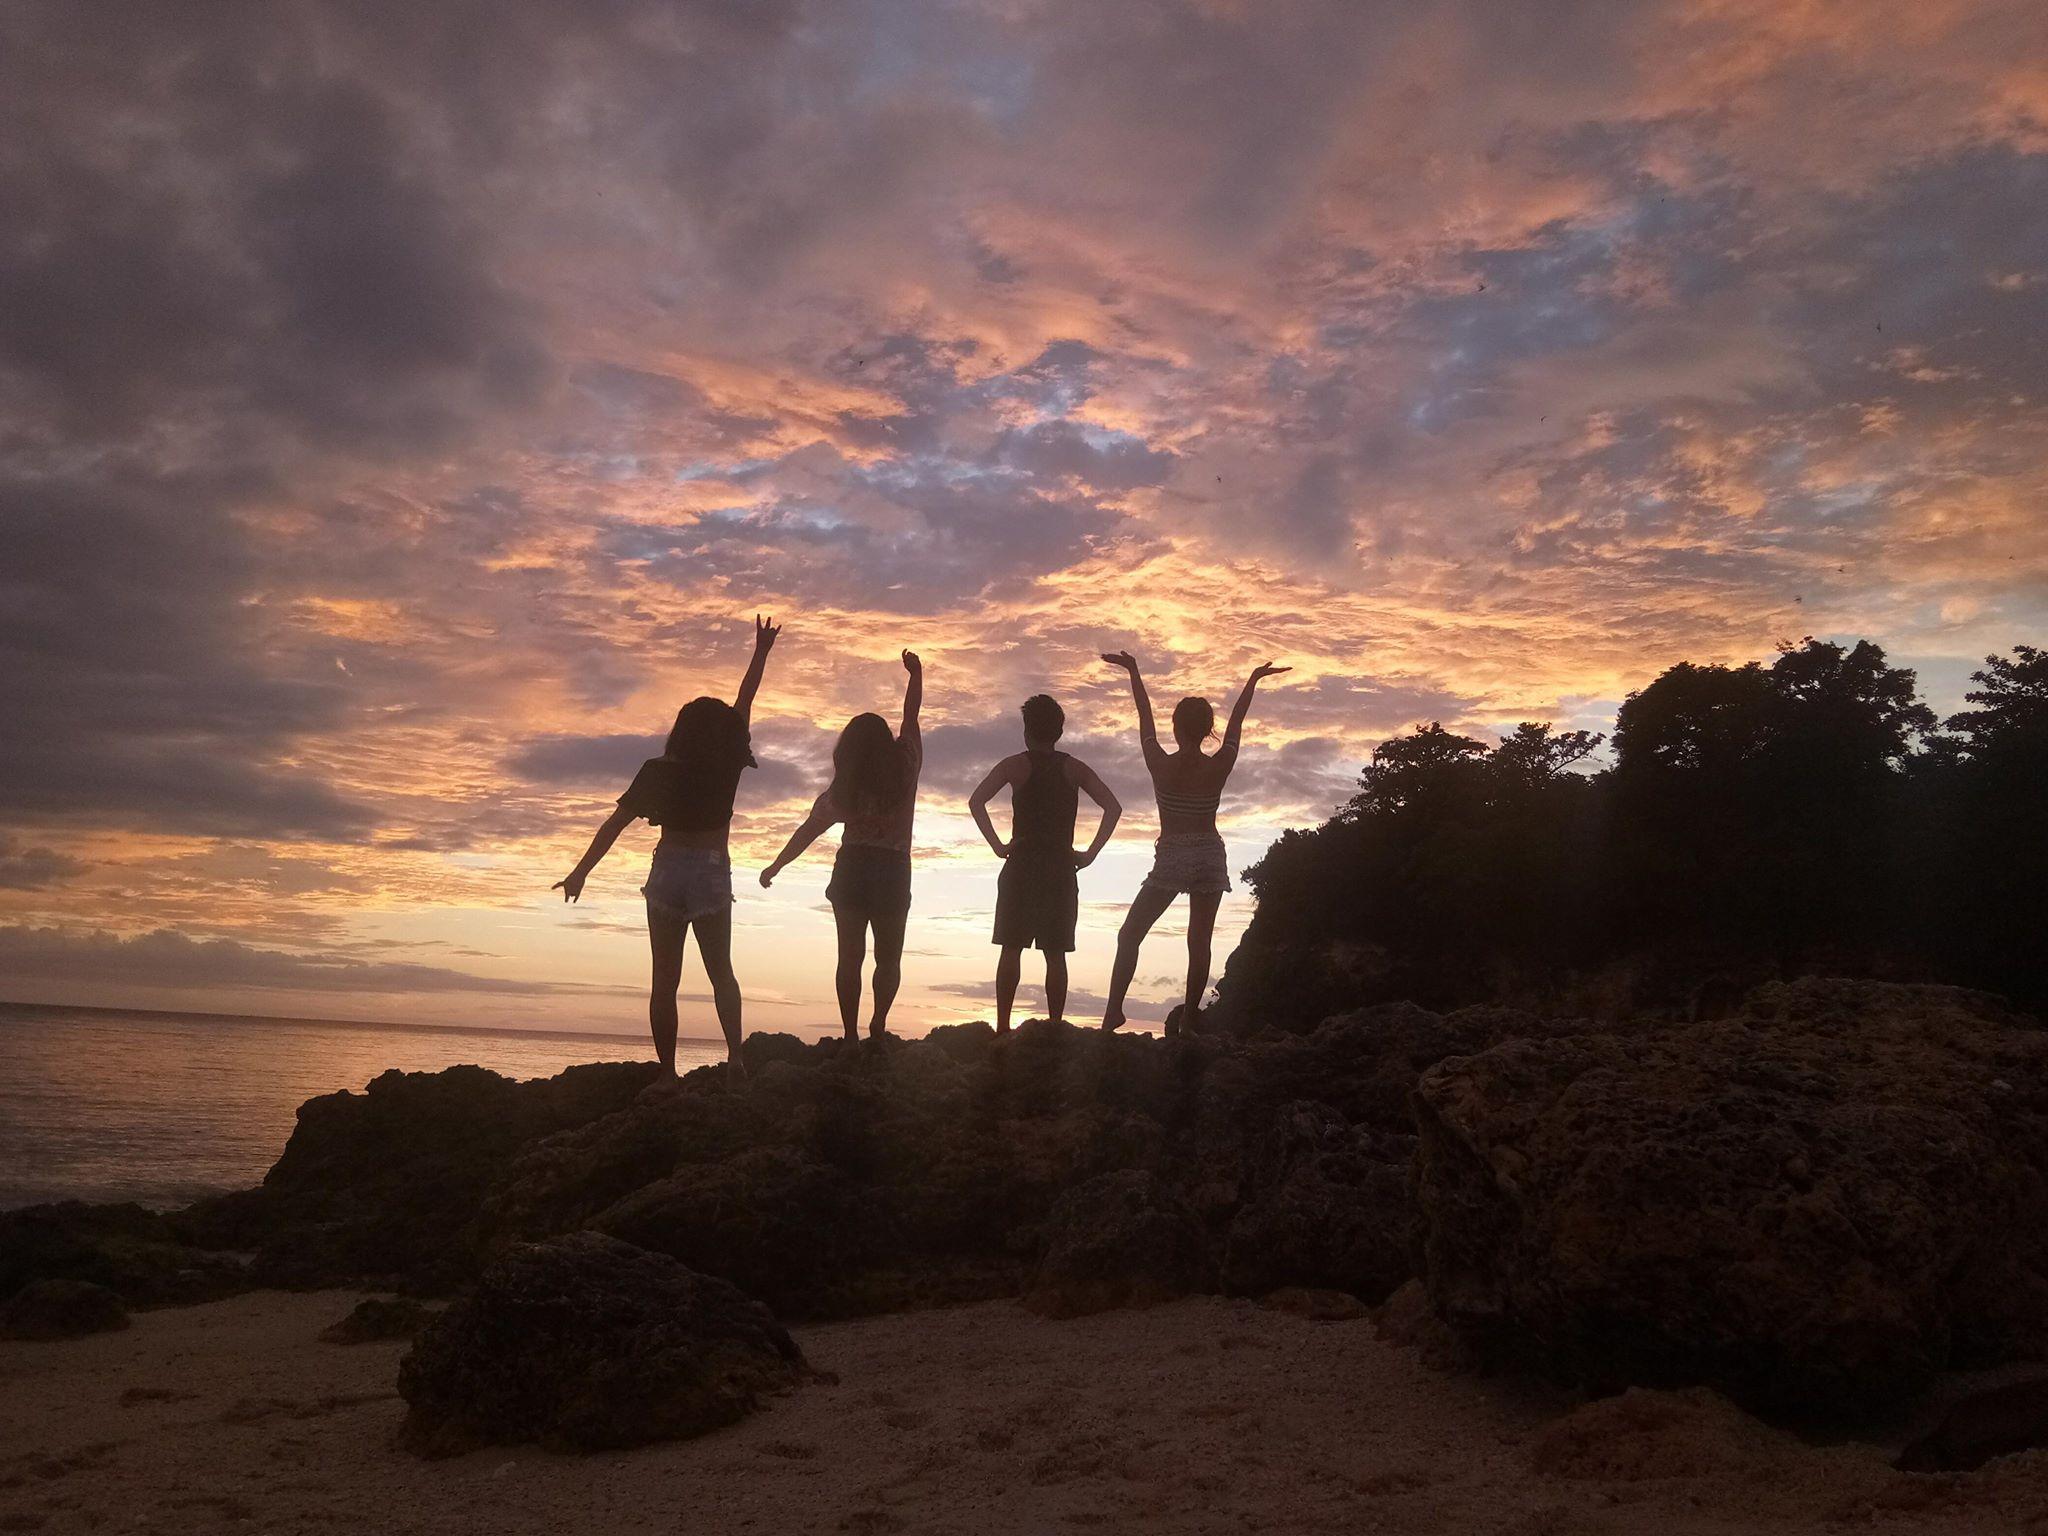 Carnaza Sunset | Photo by Michael Jason Tohay